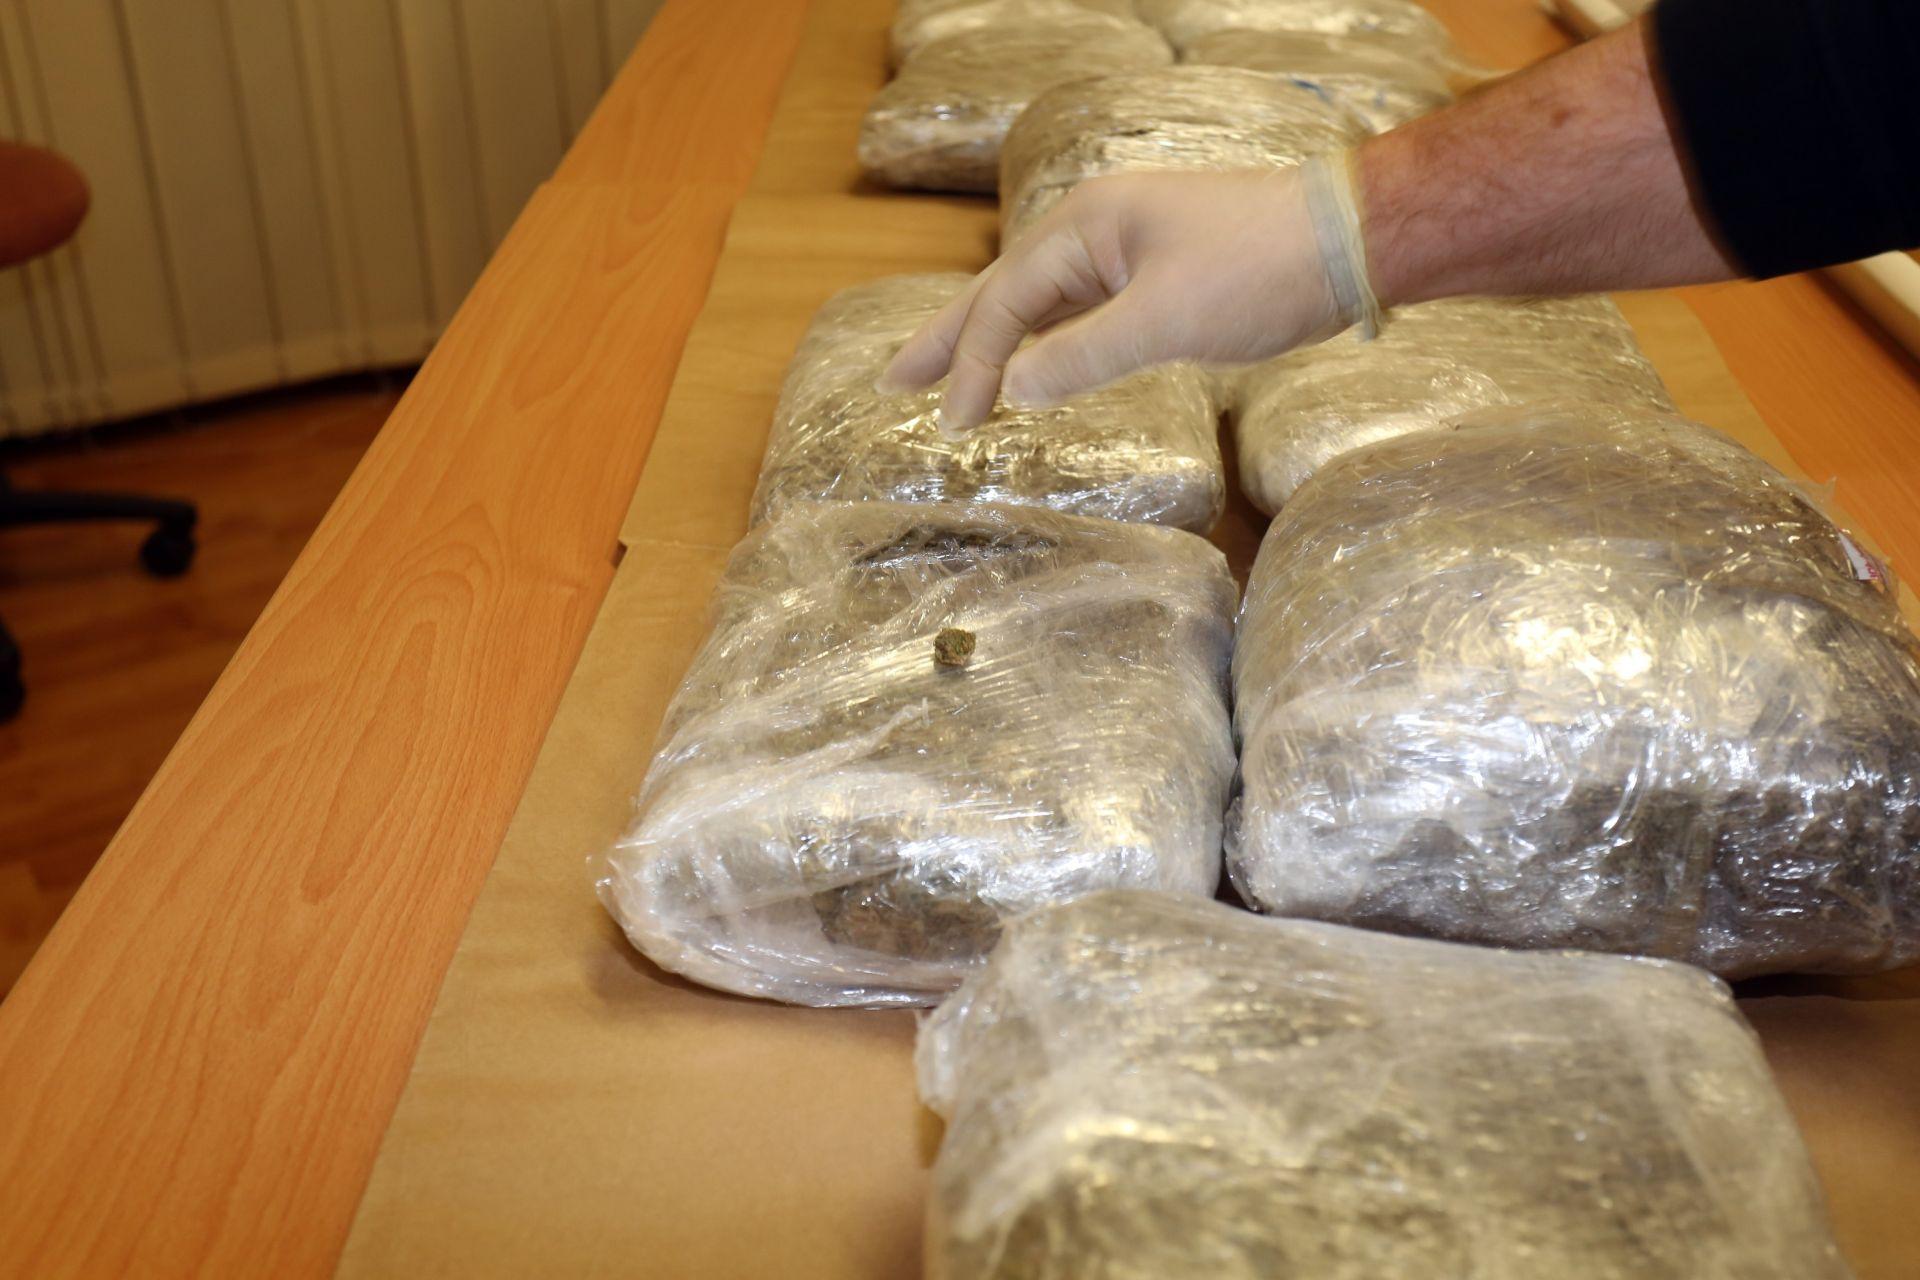 UHVAĆEN KOD SLAVONSKOG BRODA Crnogorac pokušao prošvercati više od 22 kg marihuane